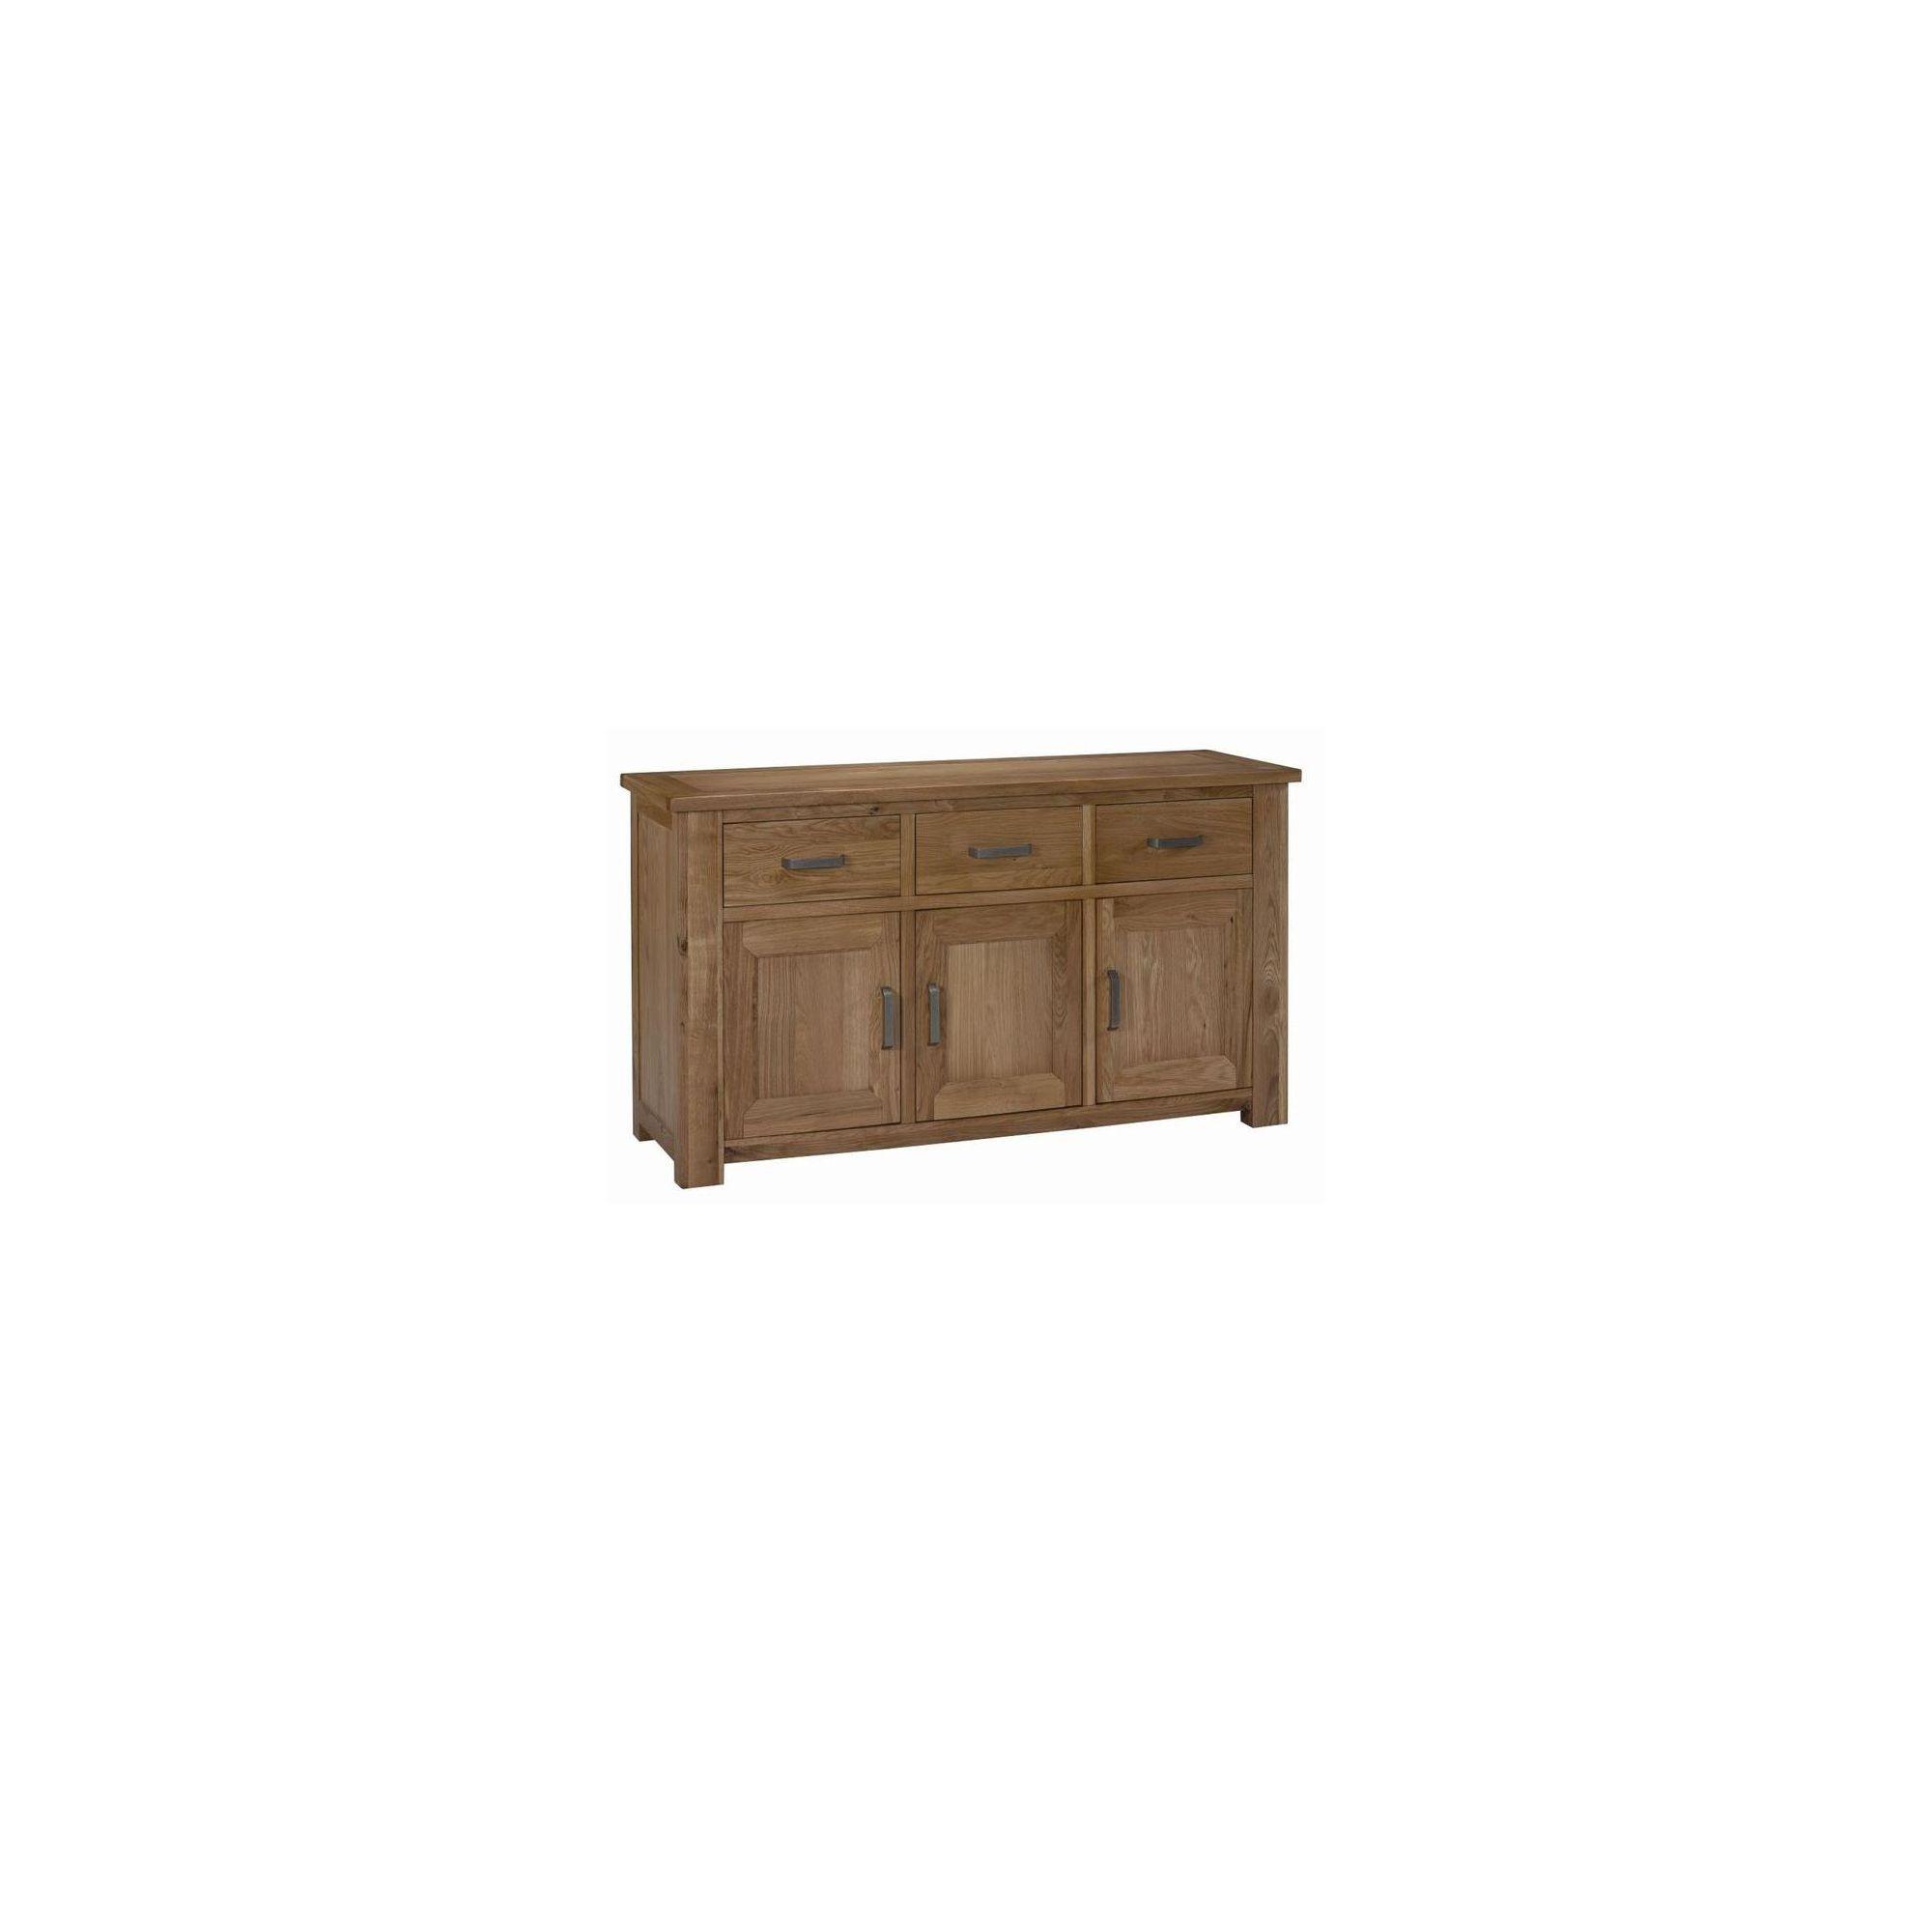 Kelburn Furniture Lyon Large Sideboard in Light Oak Matt Lacquer at Tesco Direct